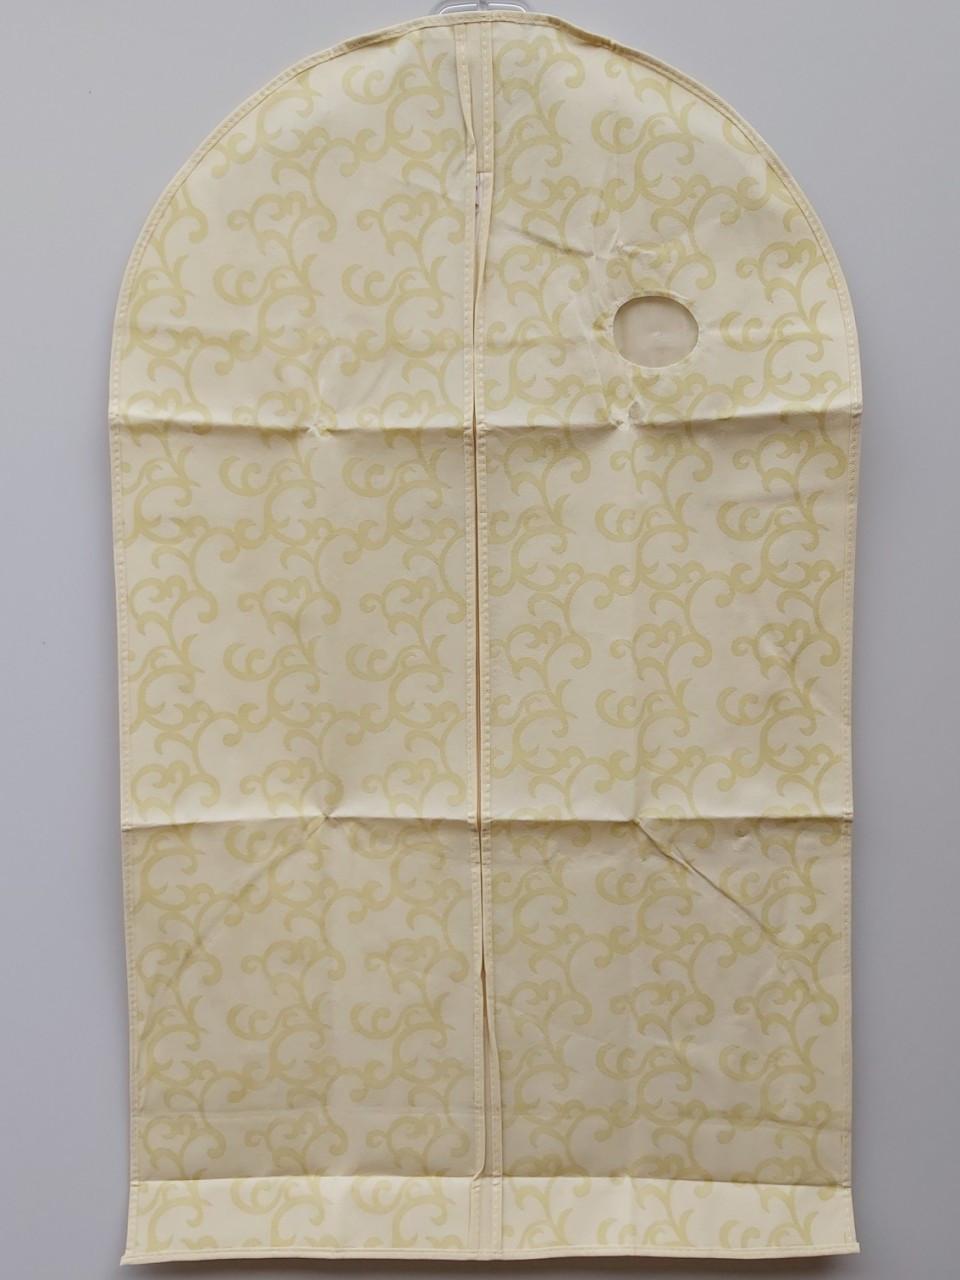 Чехол для хранения одежды флизелиновый на молнии бежевого цвета с узором, размер 60*100 см